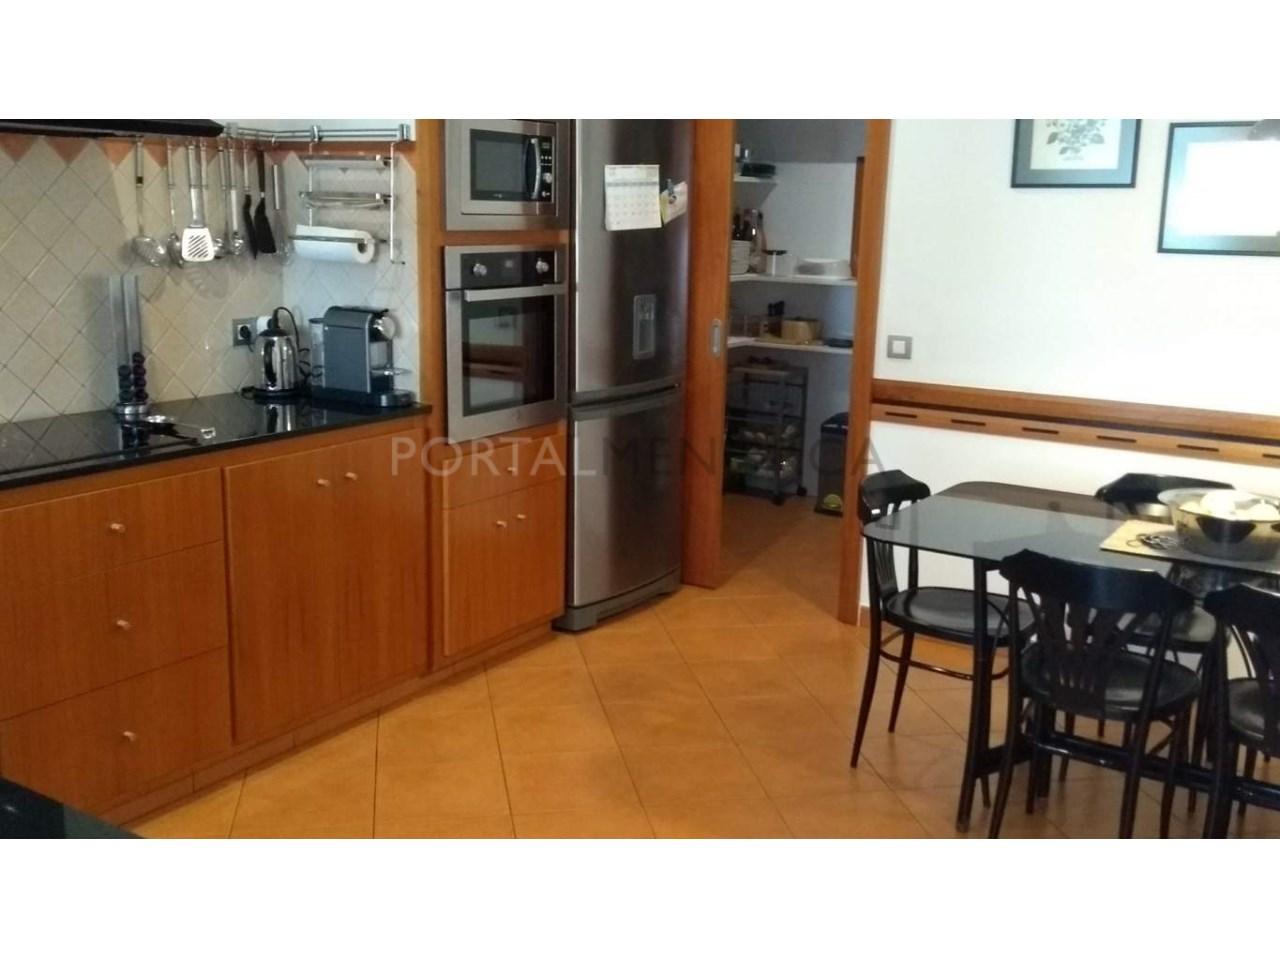 Amplia Casa con patio en venta en Ciutadella cocina.comedor